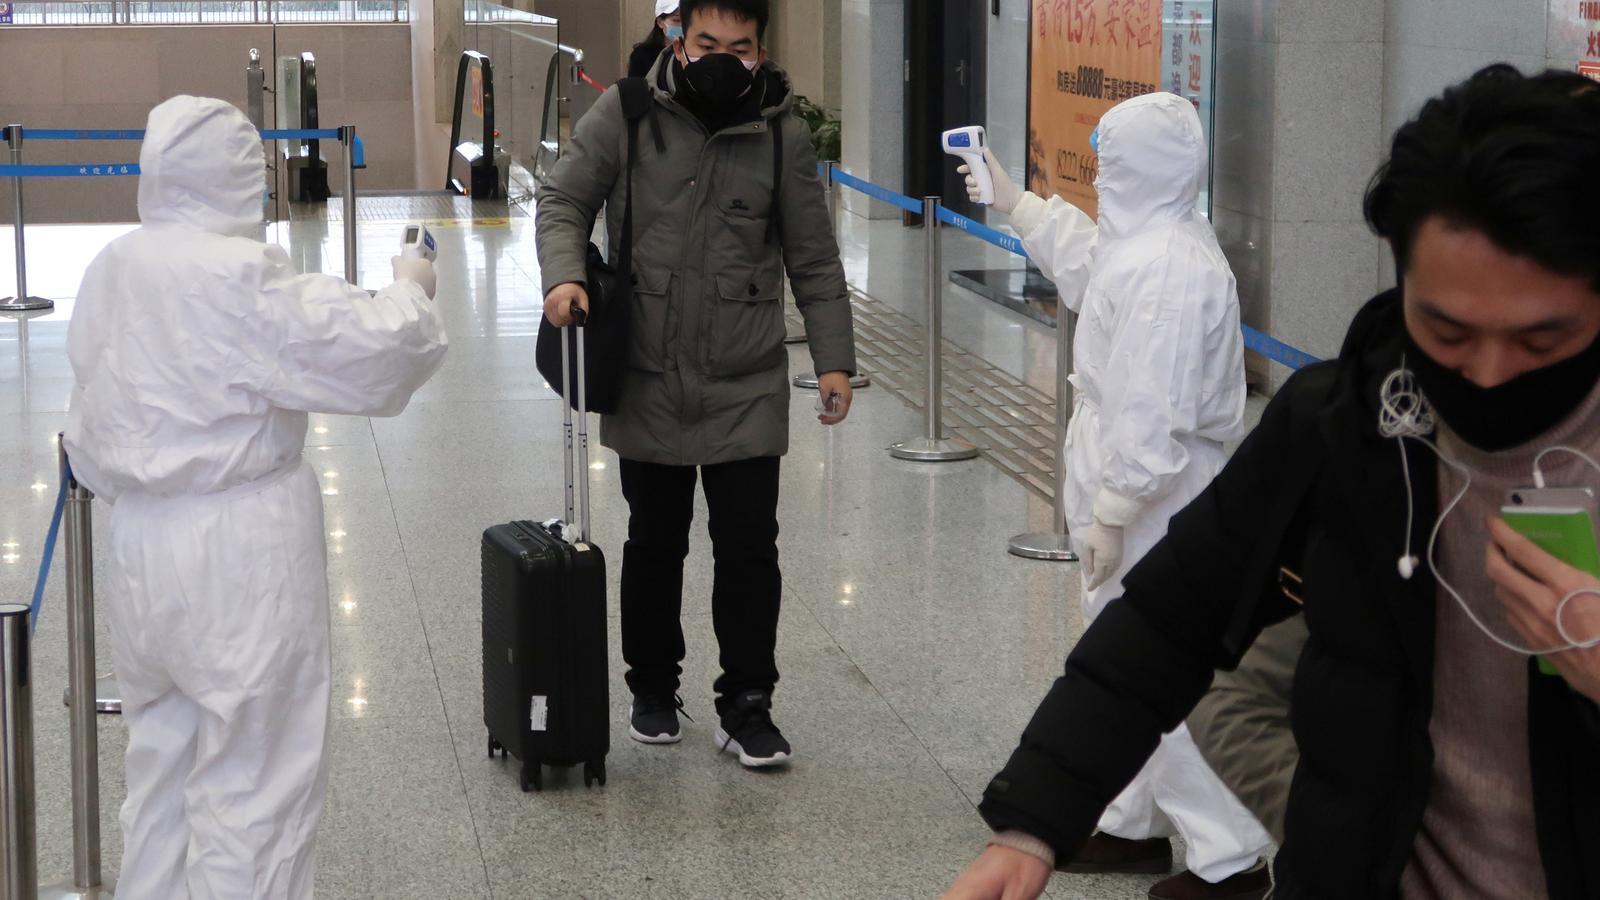 Com és de perillós, realment, el coronavirus de Wuhan